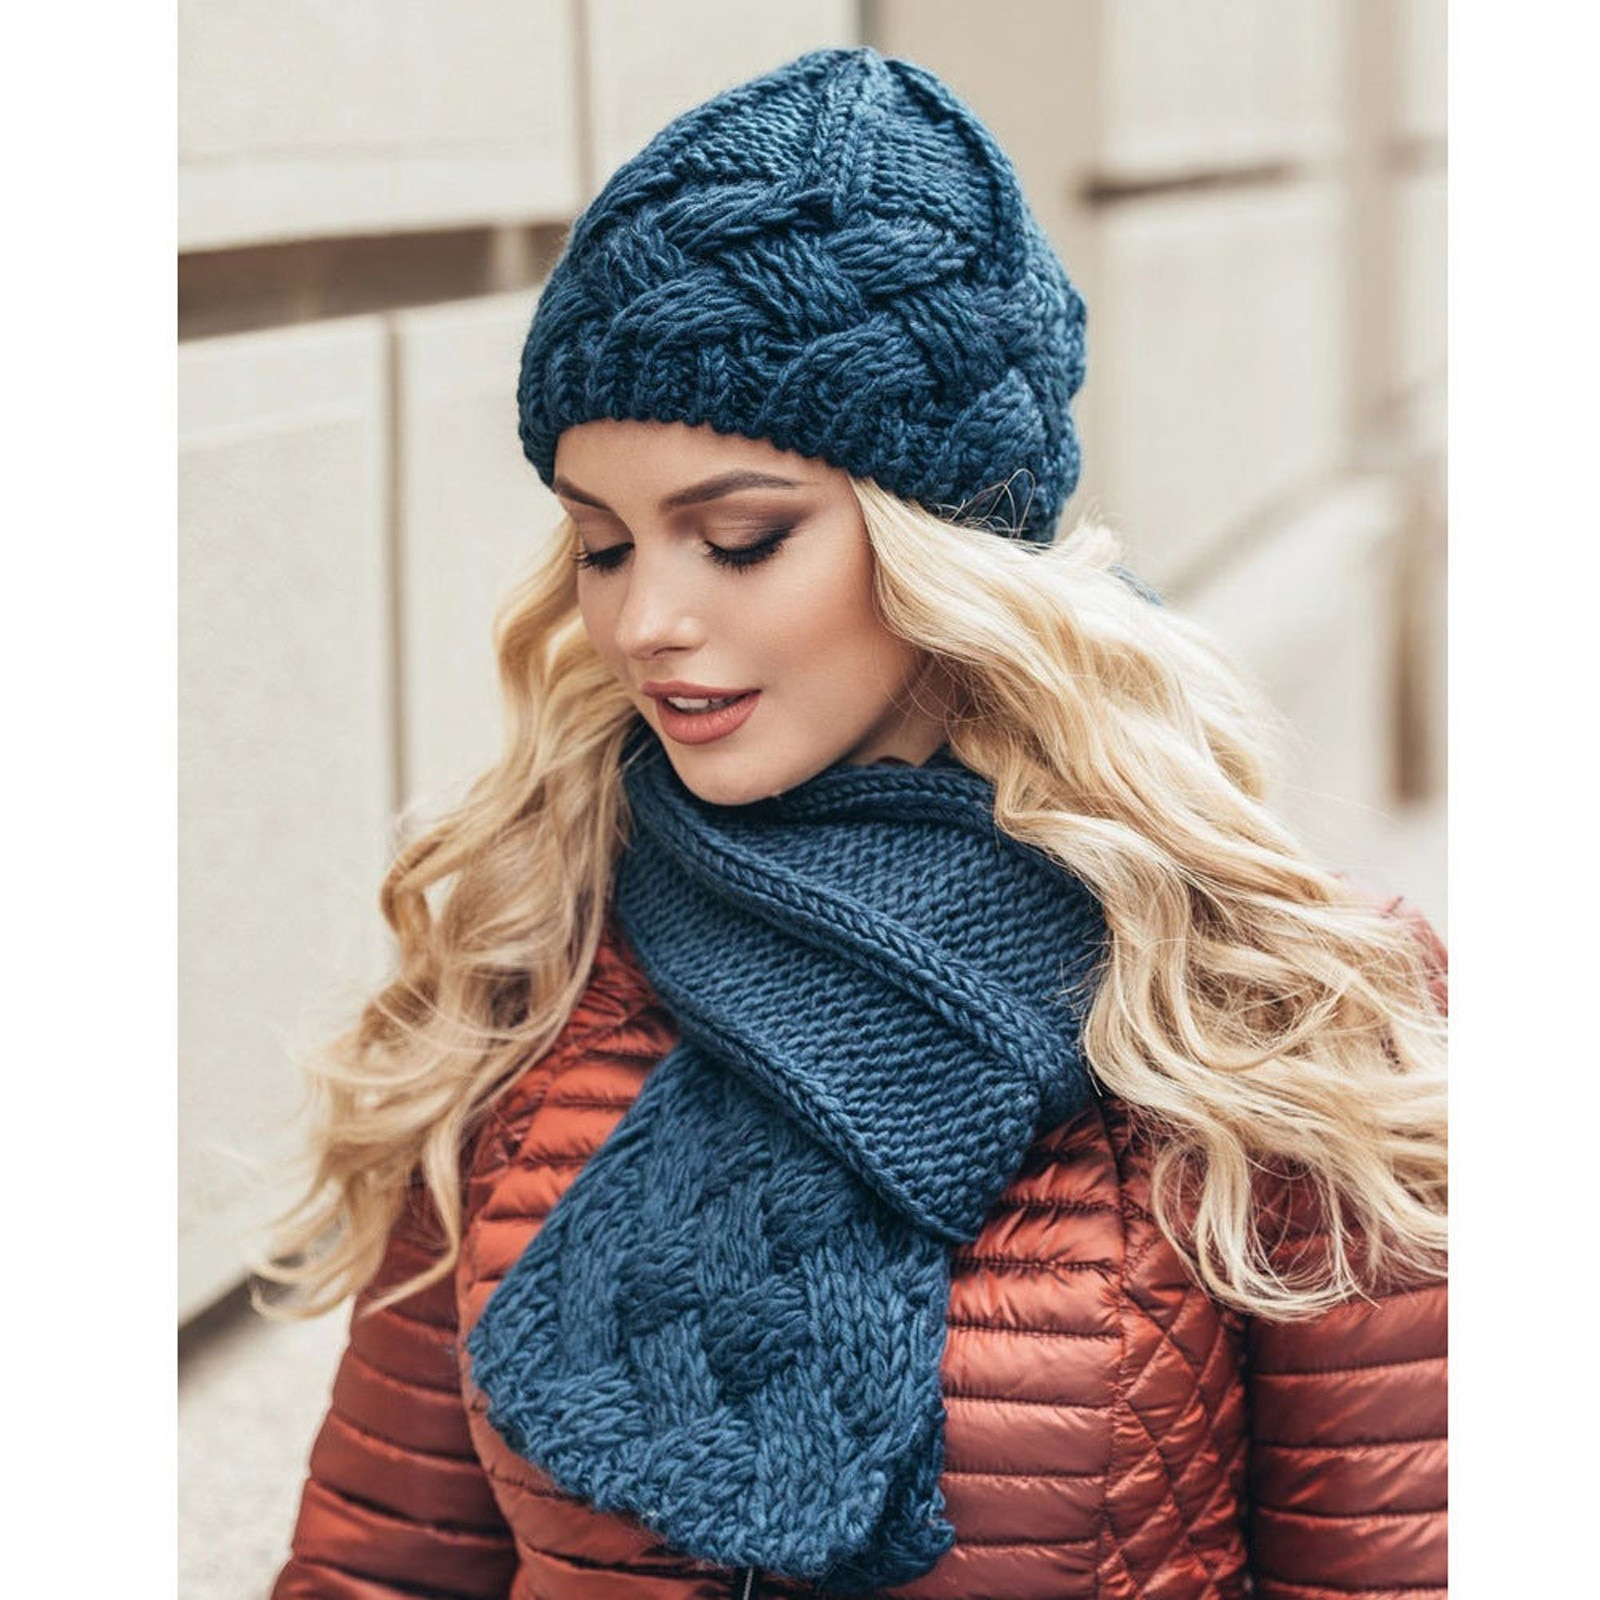 Женская шапка, модная зимняя теплая Шапка-бини, Повседневная вязаная шерстяная шапка с подшивкой, шапка для женщин, шапки для мужчин